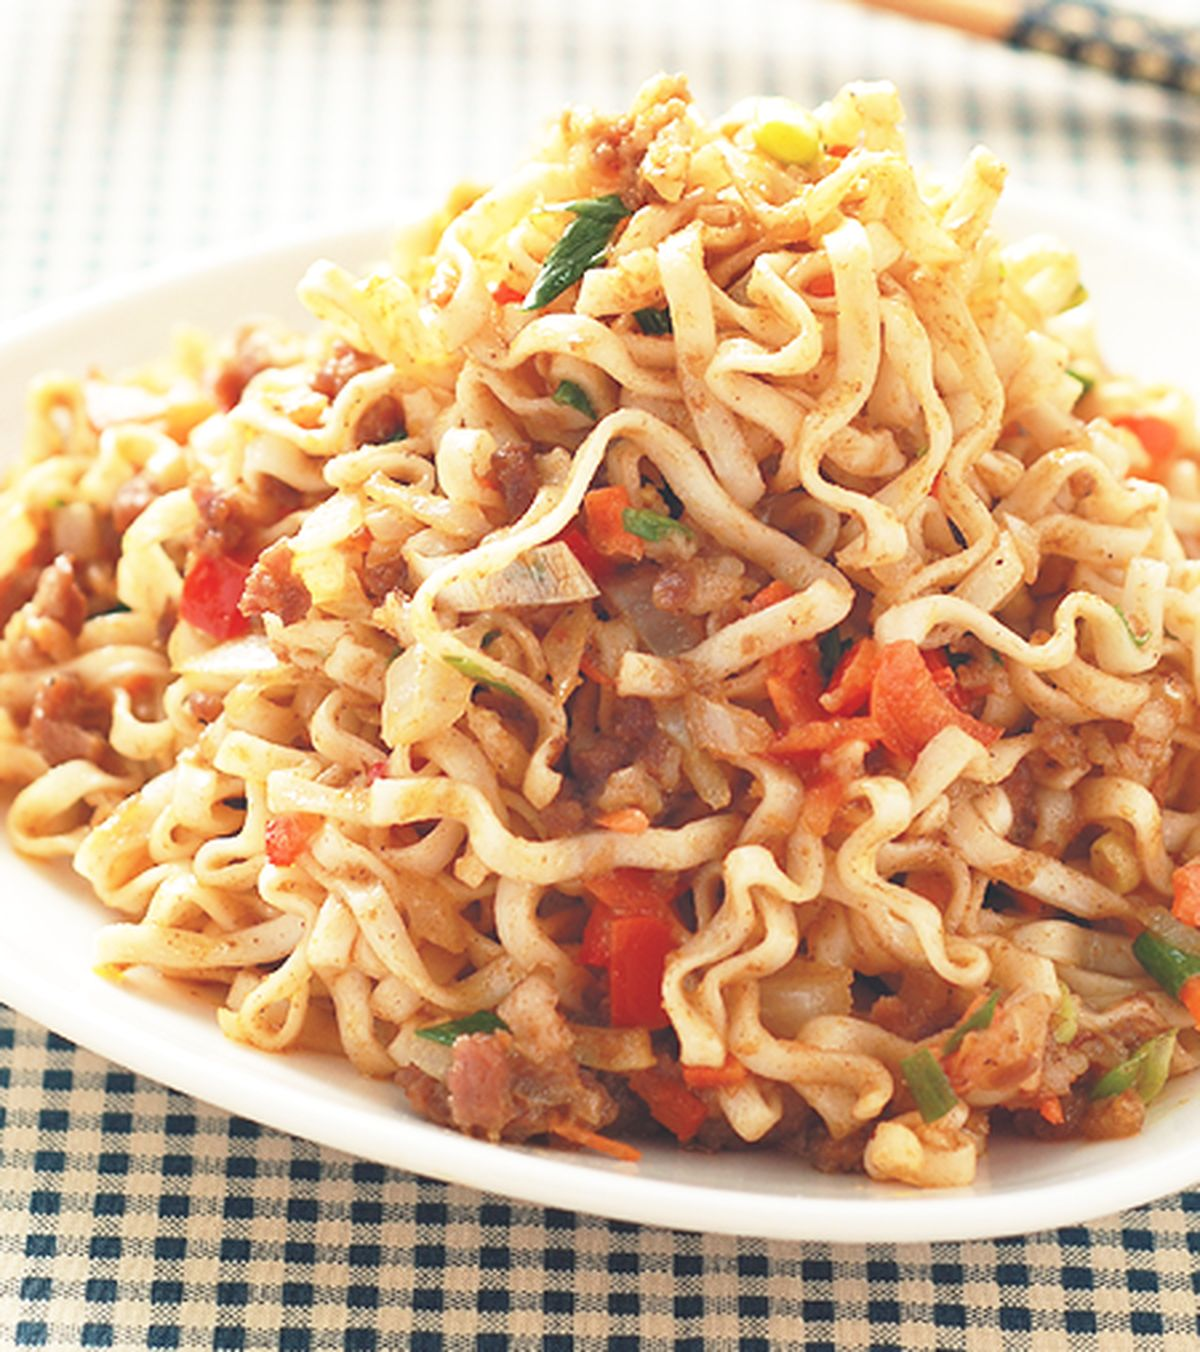 食譜:沙嗲牛肉炒麵